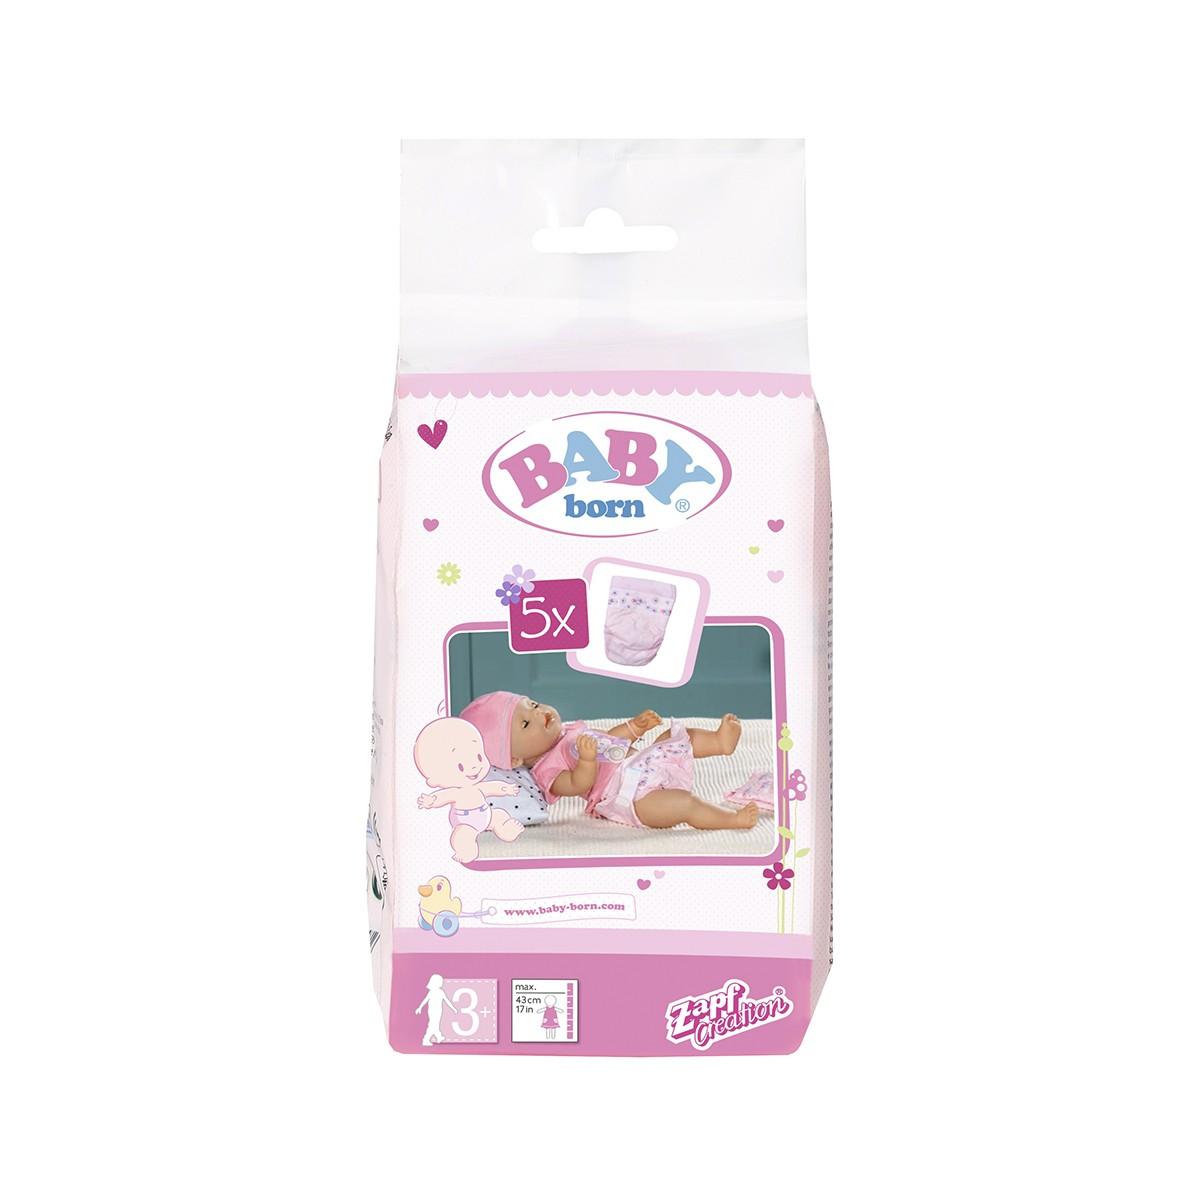 Підгузки для ляльки BABY BORN 5 шт. в наборі